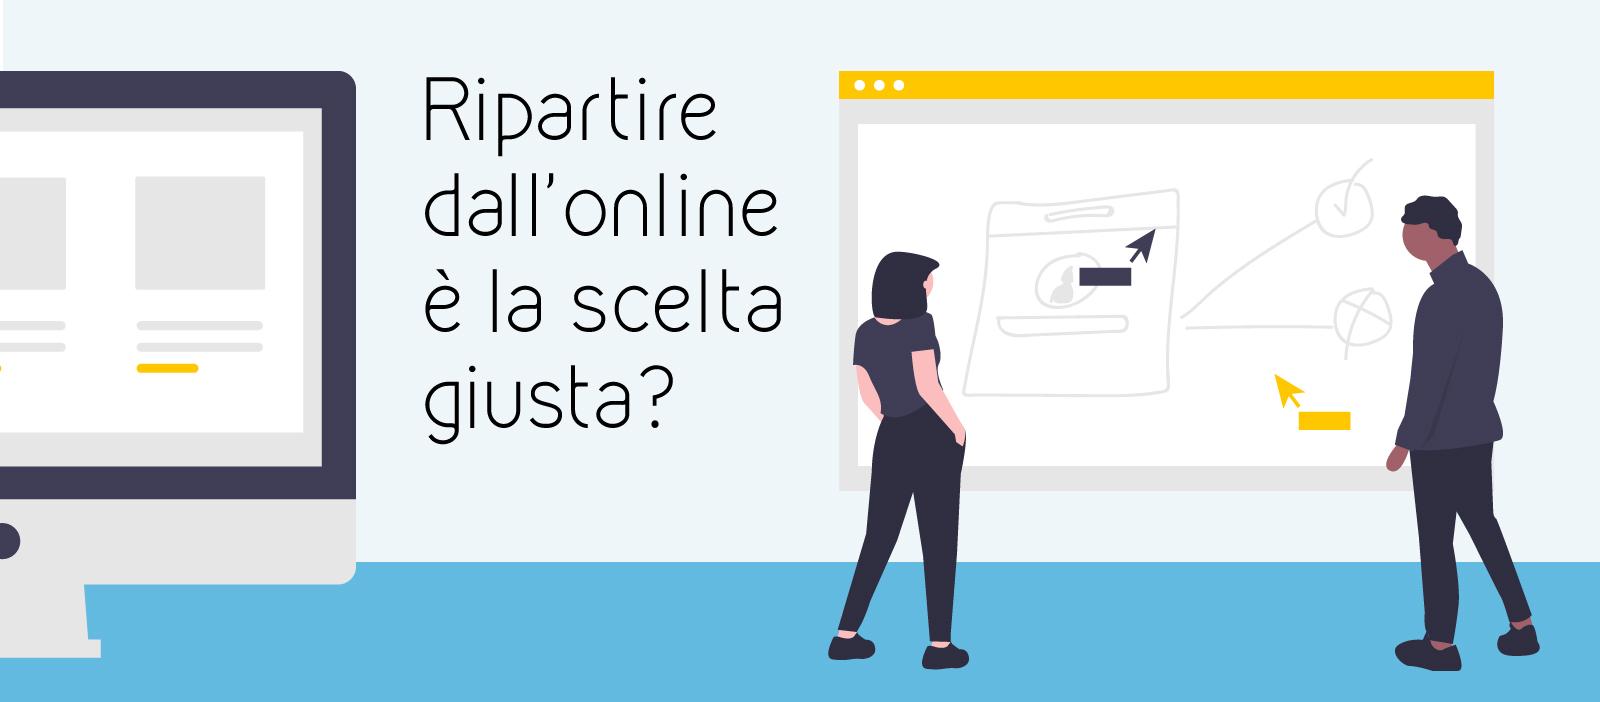 Ripartire dall'online è la scelta giusta?